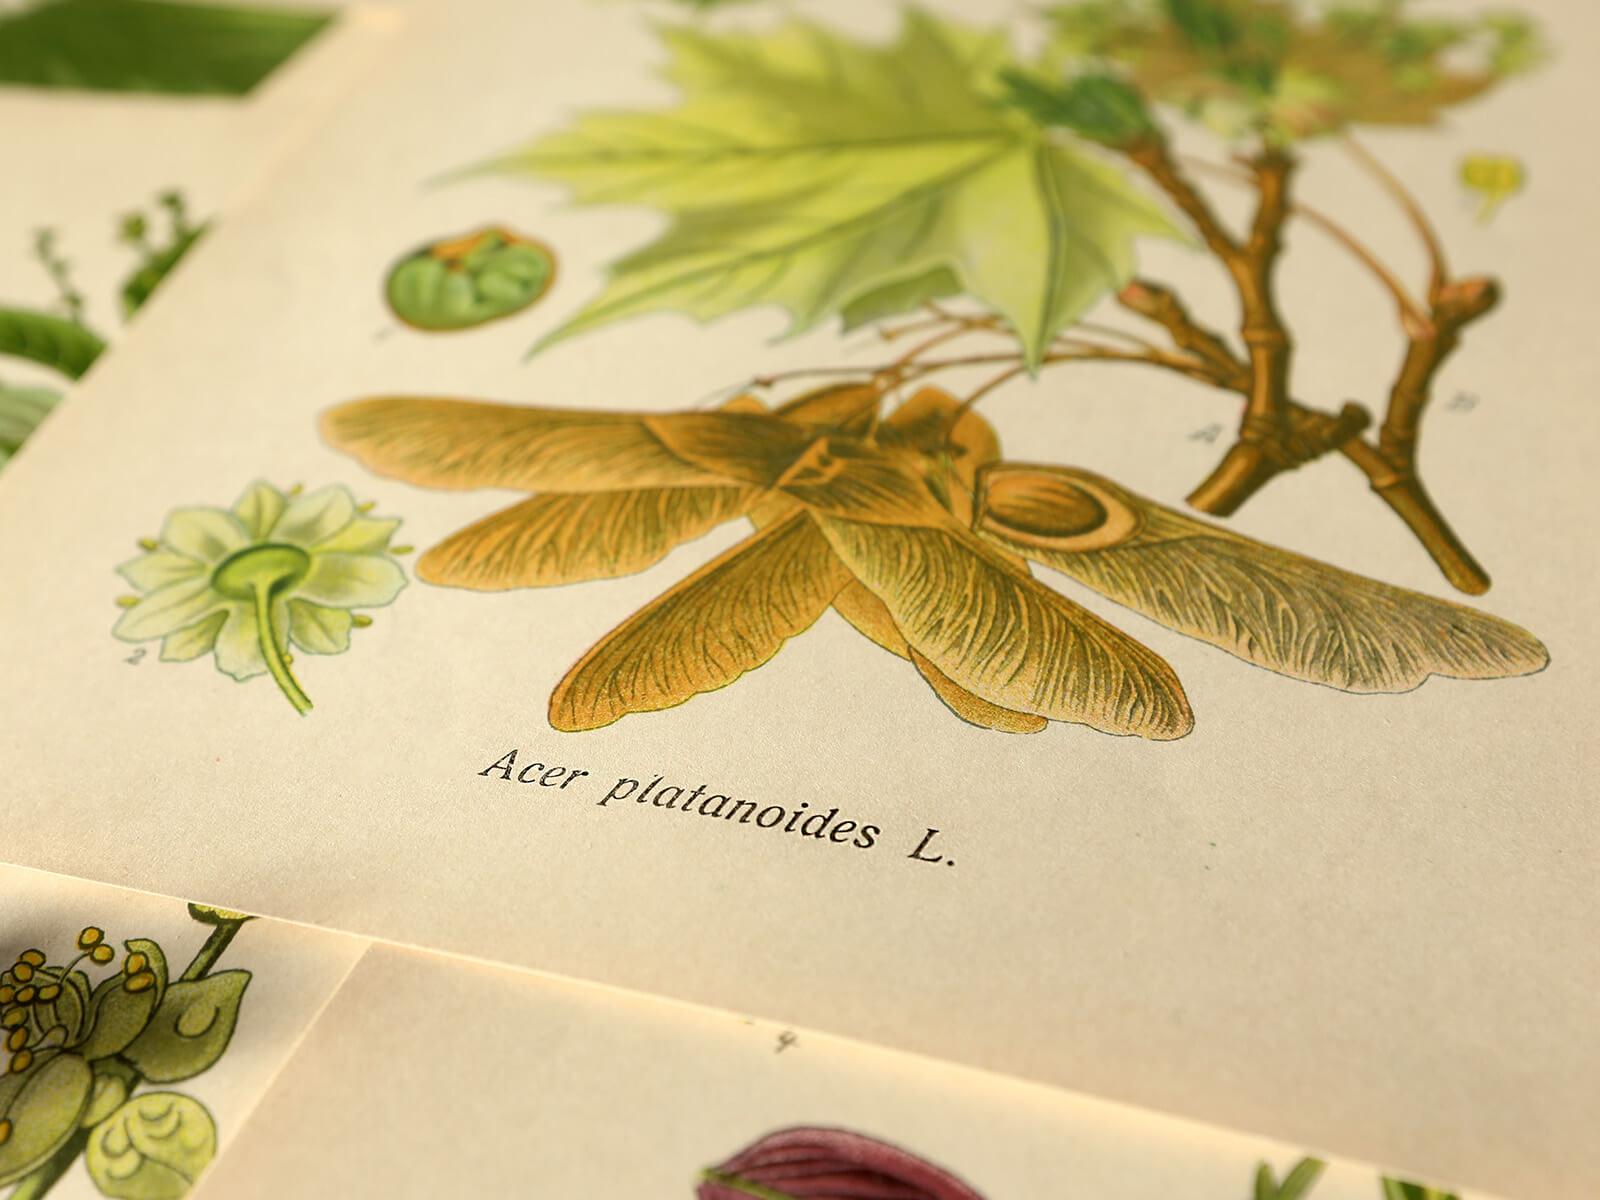 Łacińskie nazwy roślin – pomocny słownik